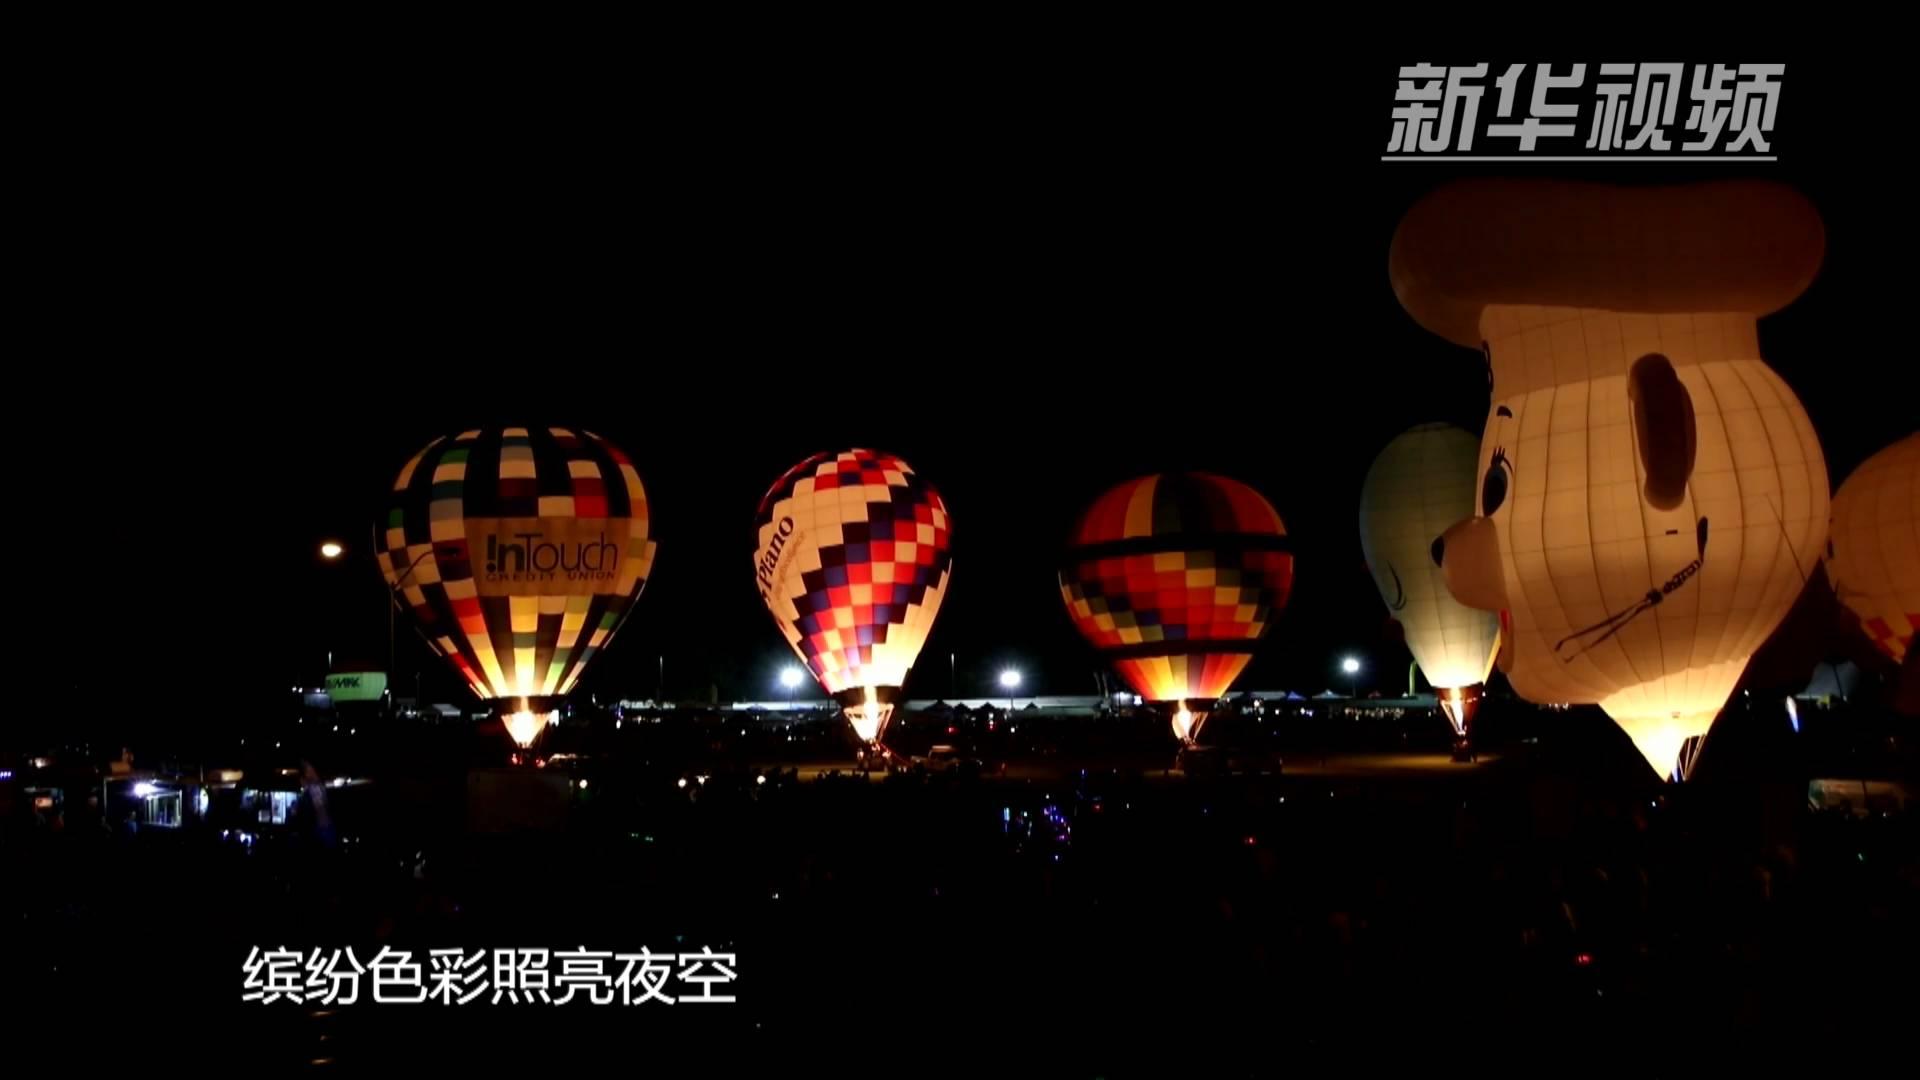 美国布兰诺热气球节:缤纷色彩点亮天空